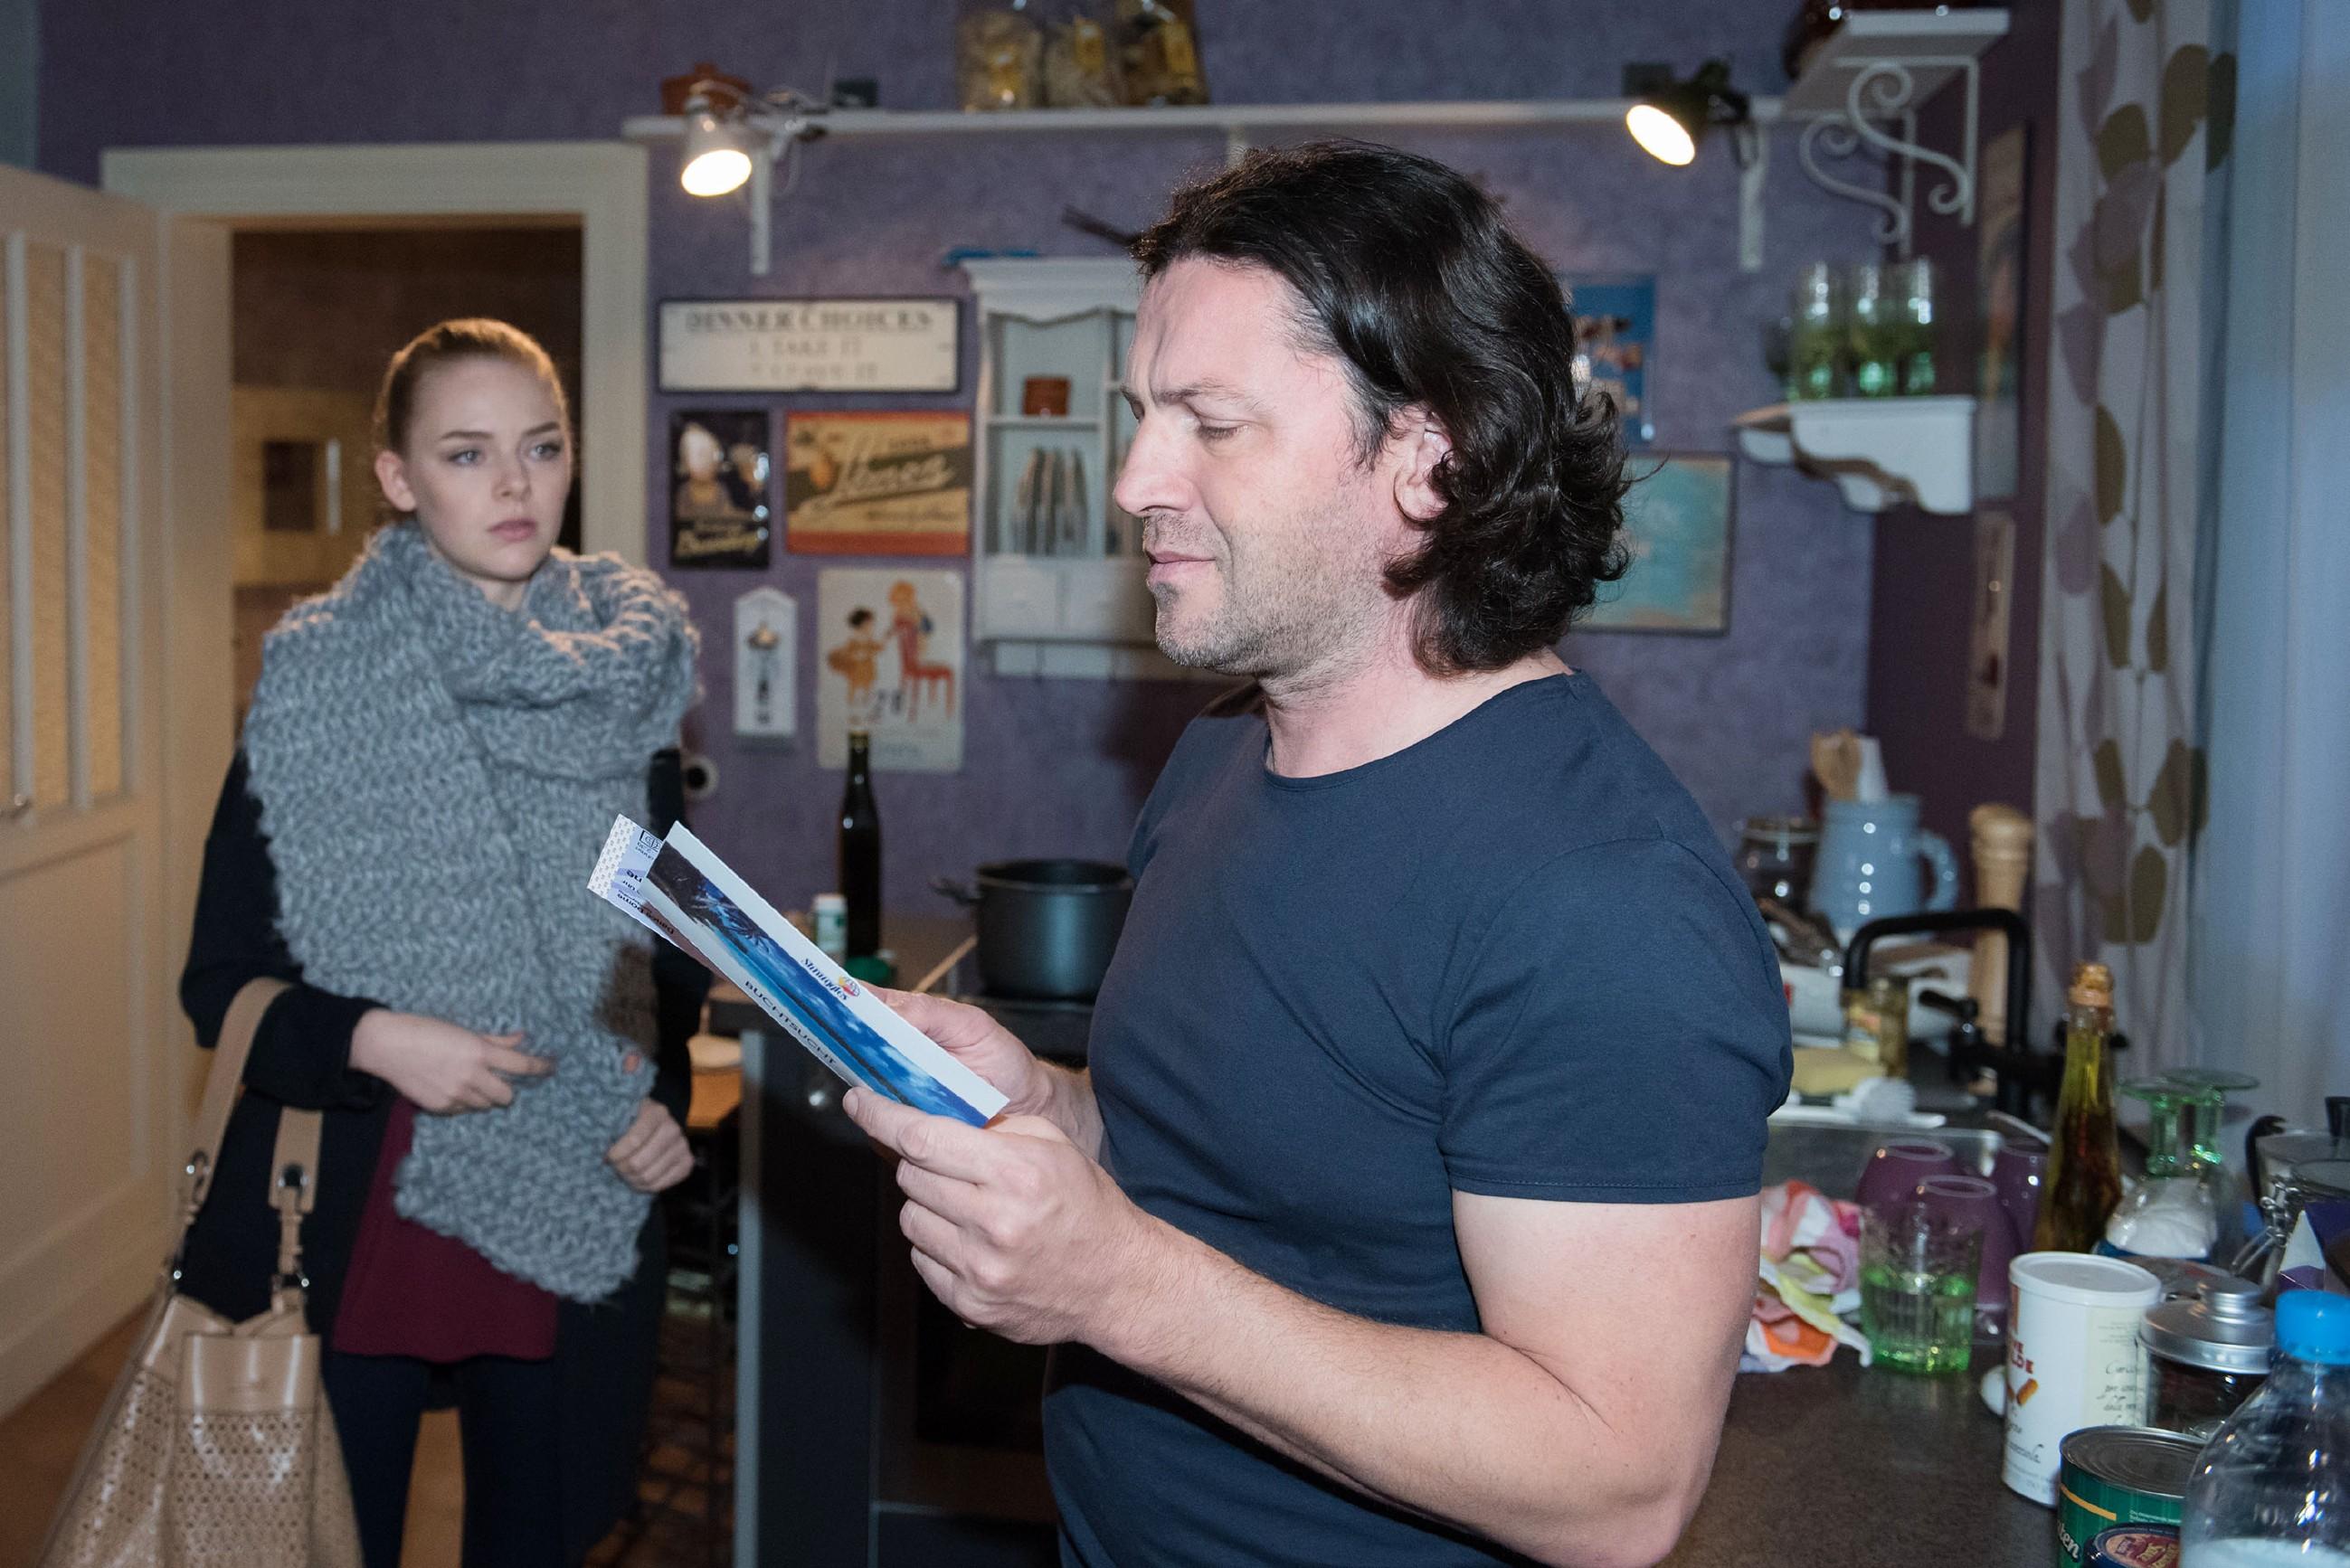 Rolf (Stefan Franz) trifft es hart, als Fiona (Olivia Burkhart) sein Geschenk ablehnt, um mit Easy auf ein billiges Punkrock-Konzert zu gehen. Er spielt zwar den verständnisvollen Vater, aber seine Enttäuschung ist groß... (Quelle: RTL / Stefan Behrens)